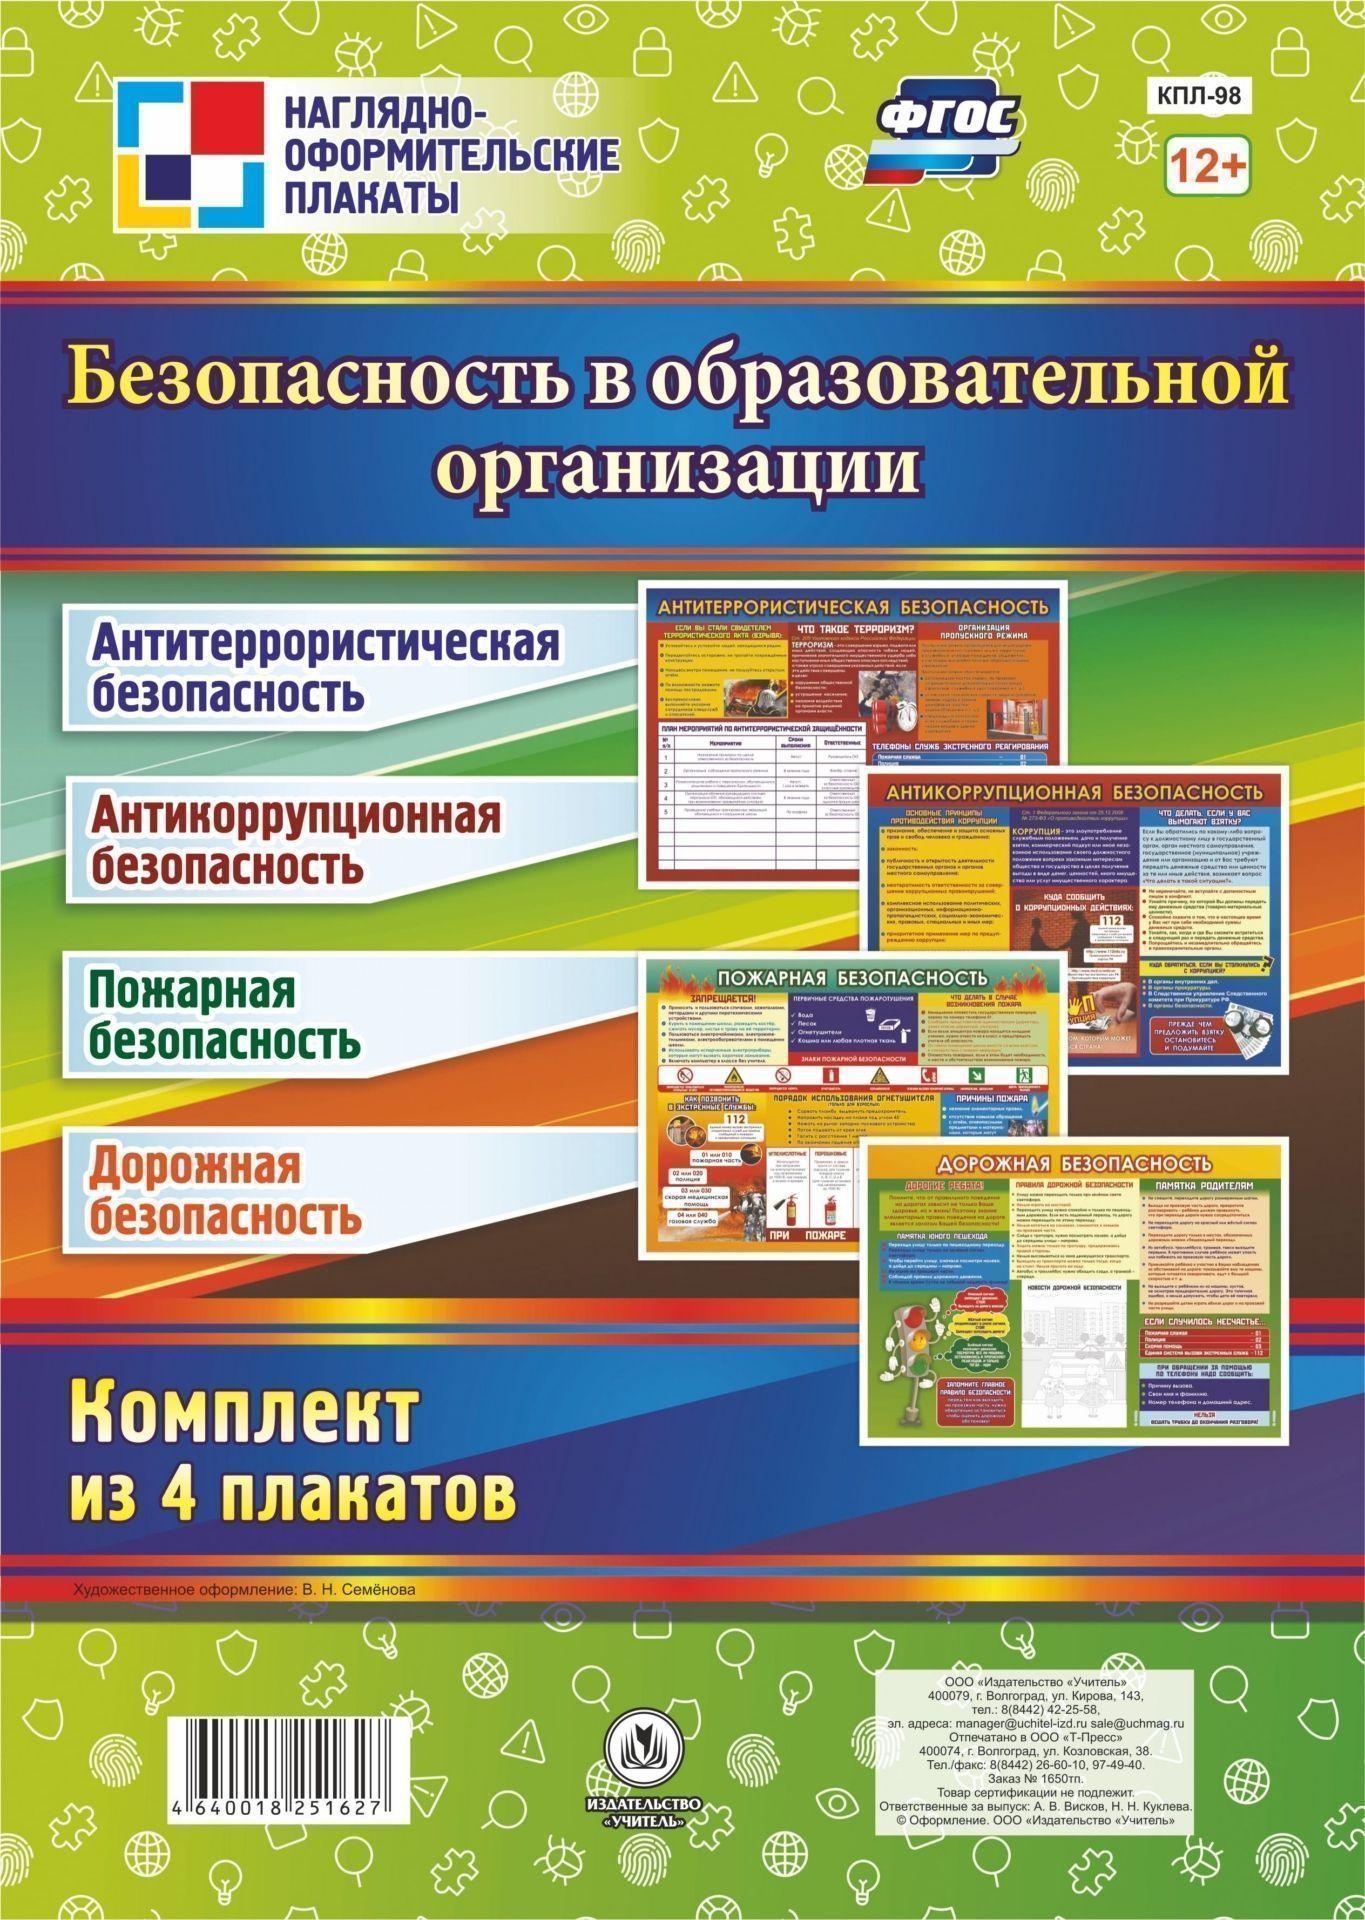 Комплект плакатов Безопасность в Образовательной организации: 4 плакатаПлакаты, постеры, карты<br>.<br><br>Год: 2017<br>Серия: Наглядно-оформительские плакаты<br>Высота: 594<br>Ширина: 420<br>Толщина: 2<br>Переплёт: набор